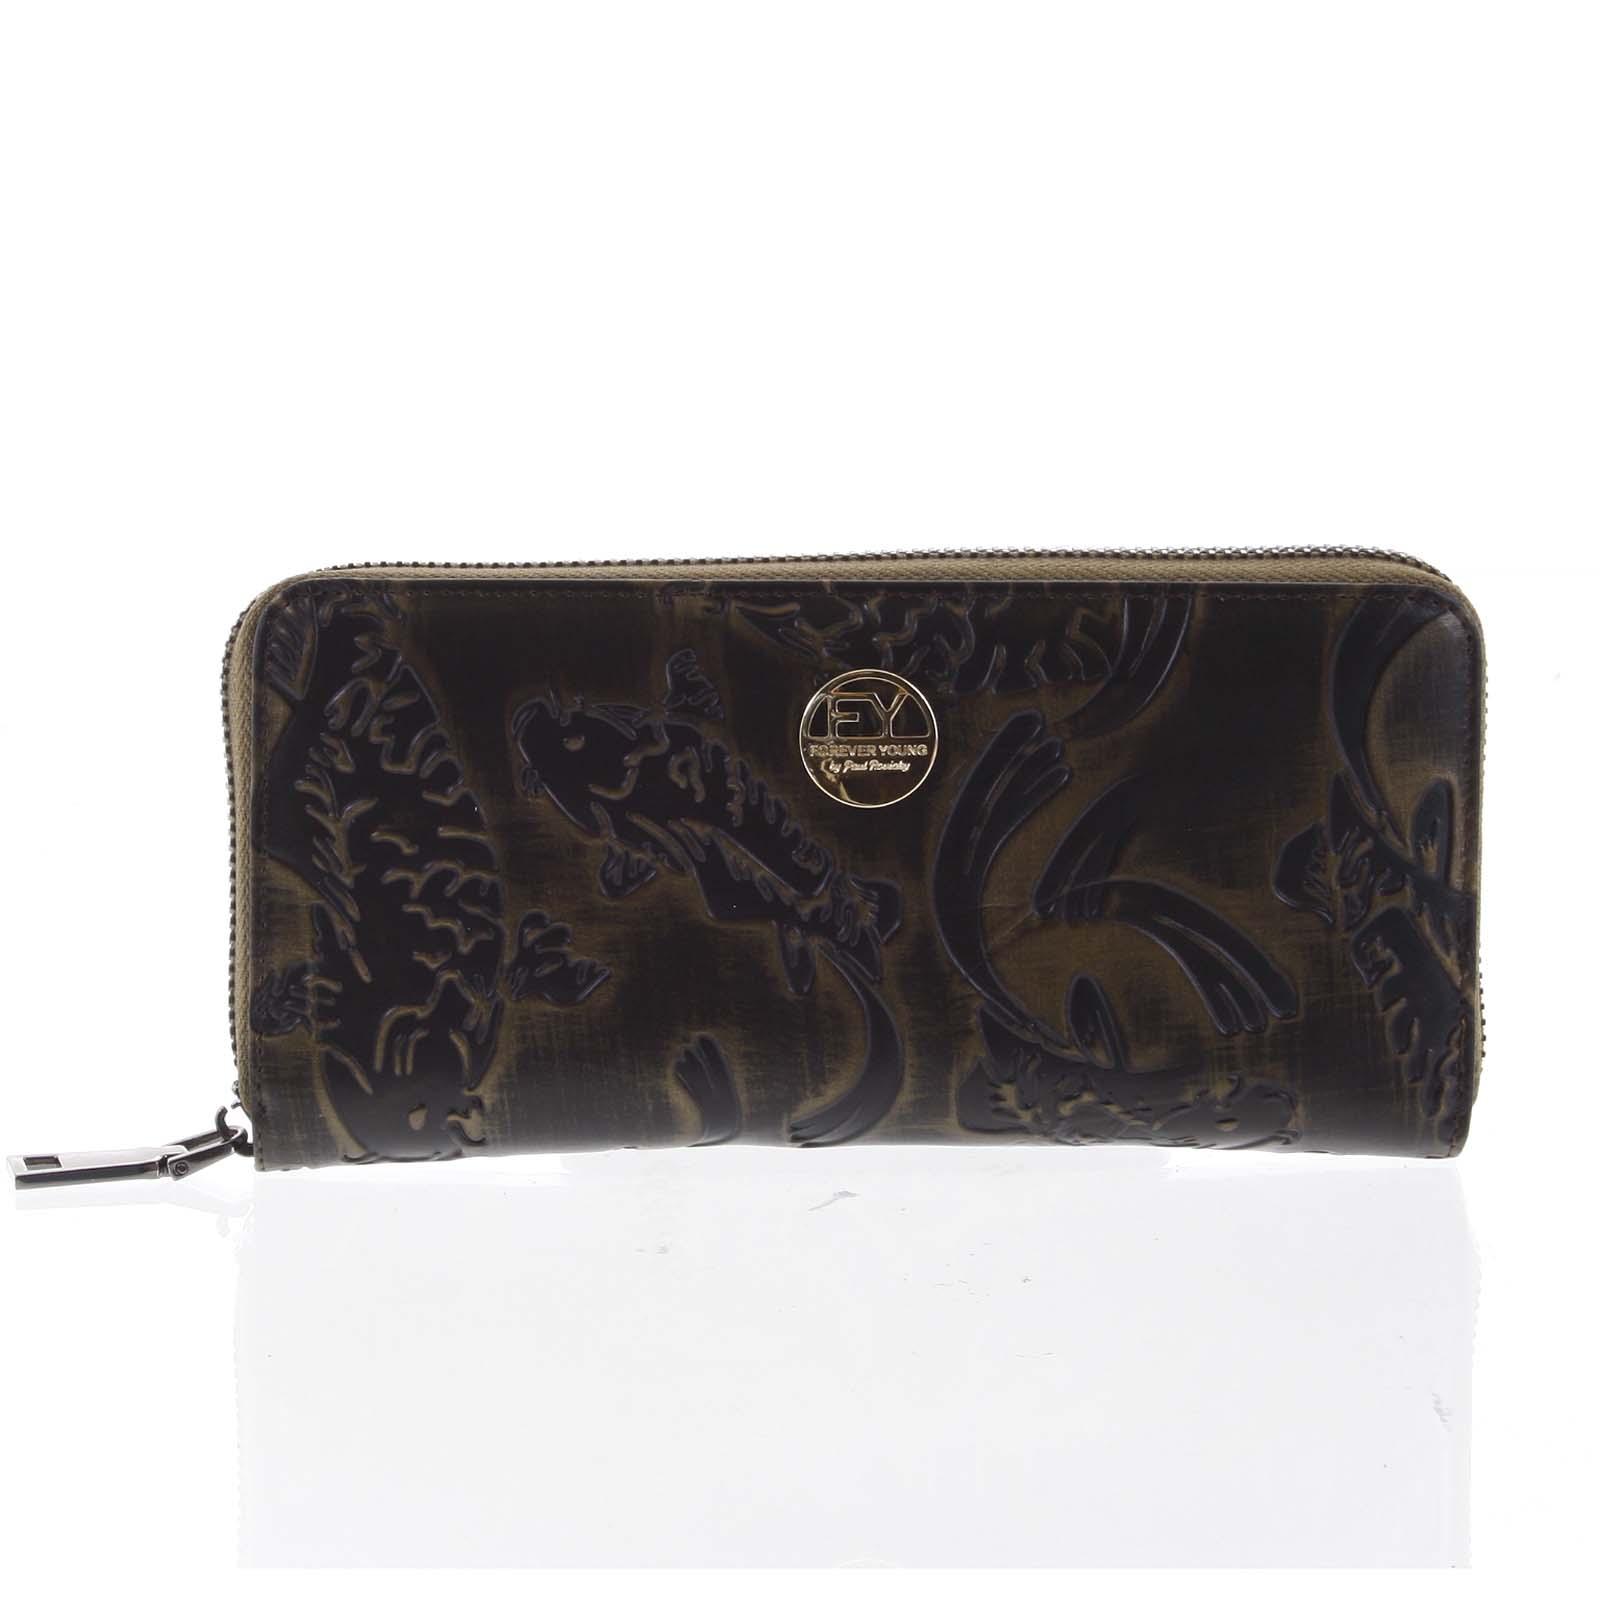 Luxusná dámska peňaženka púzdro medené - Rovicky 77006